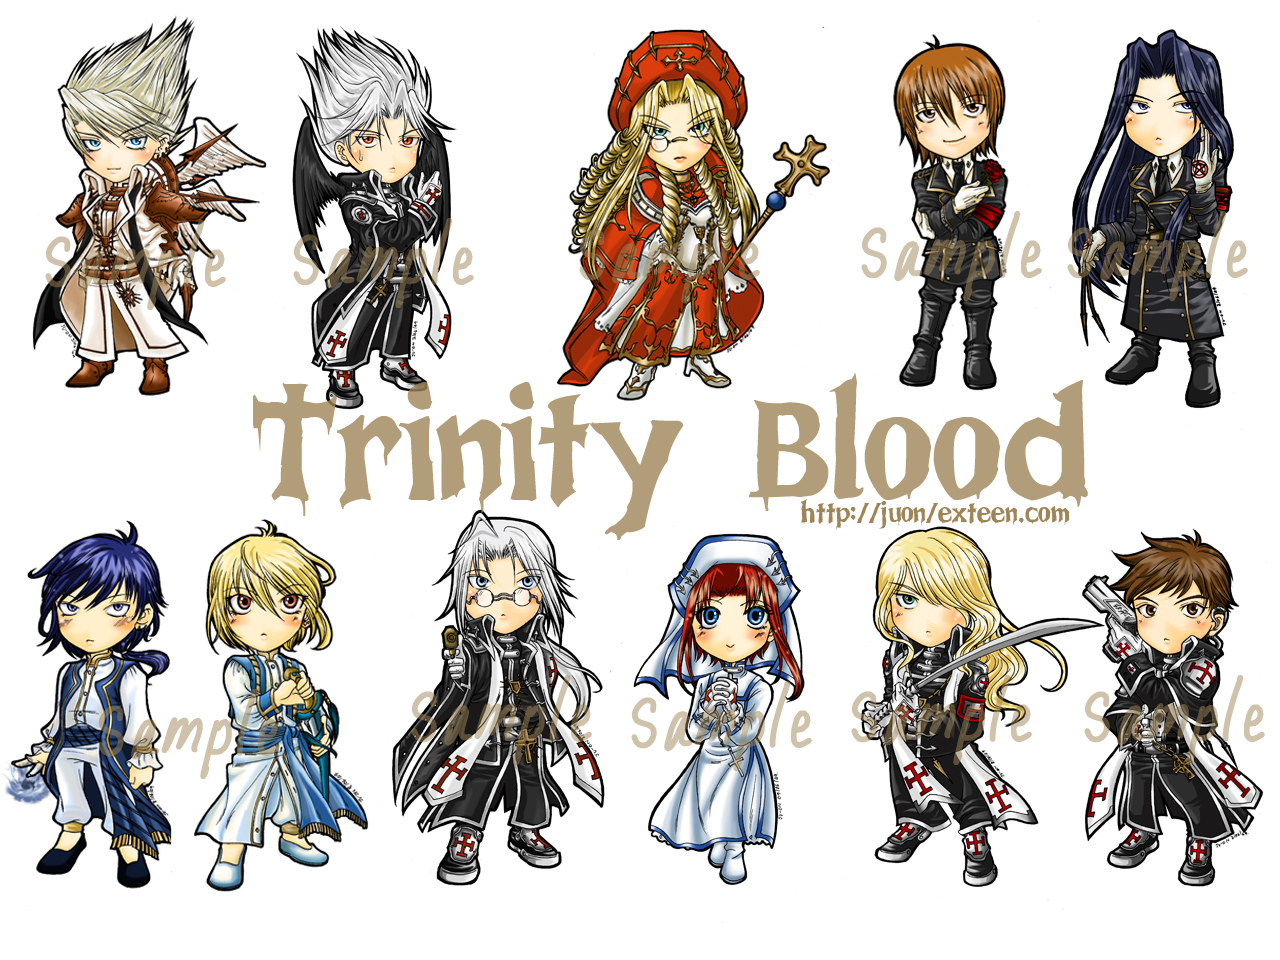 Trinity blood episodio 03 la estrella de los lamentos 1 ciudad de sangre - 1 8